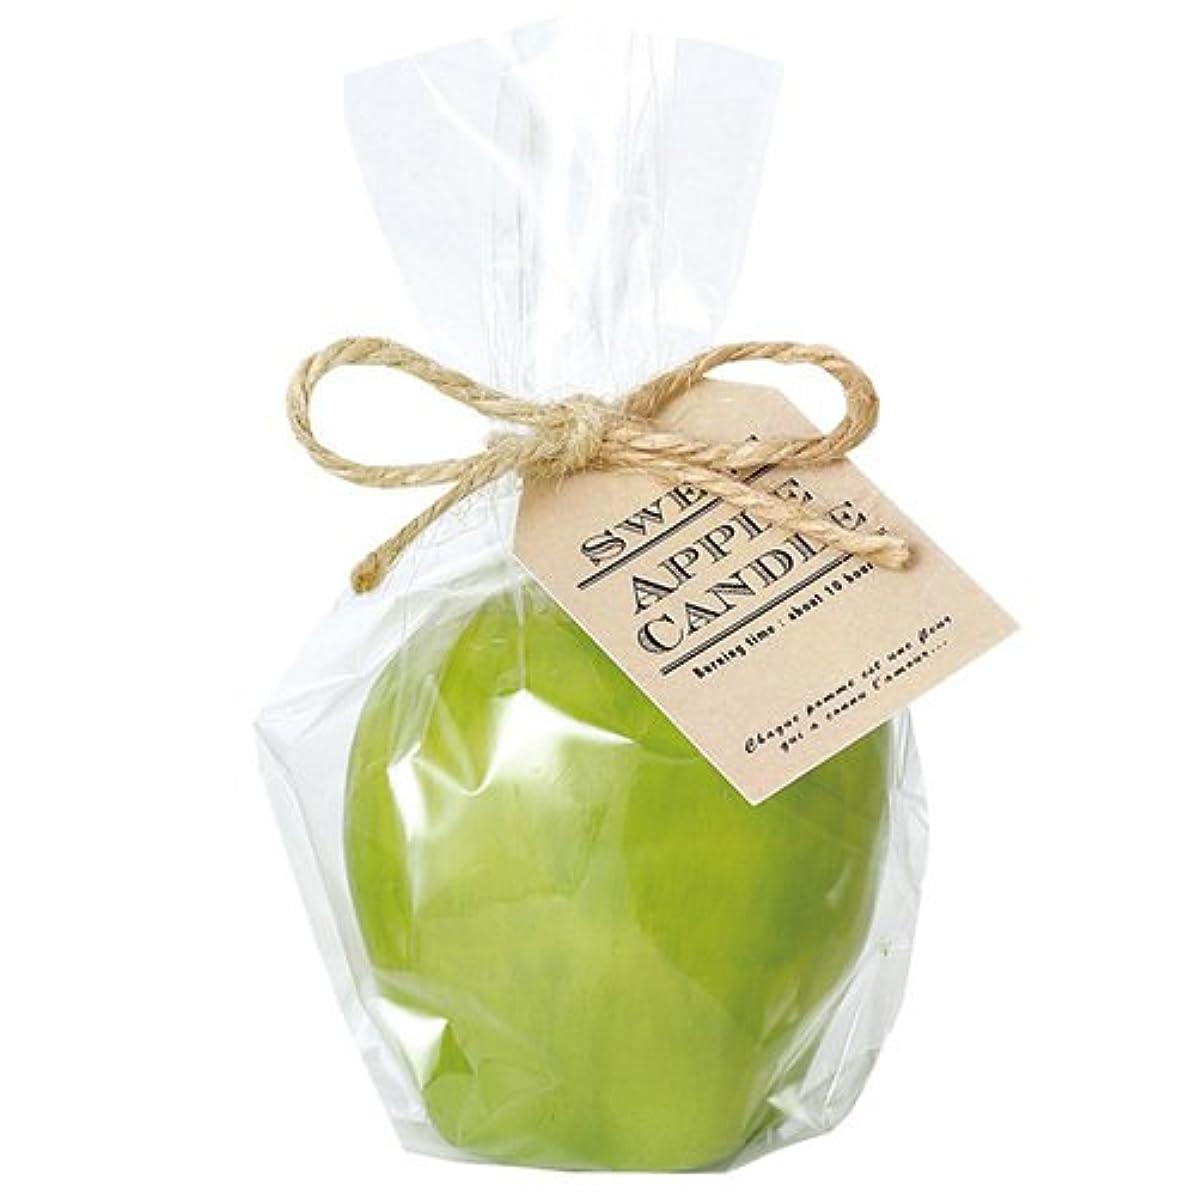 習字残酷なプレゼンテーションカメヤマキャンドルハウス スイートアップルキャンドル グリーン アップルの香りつき